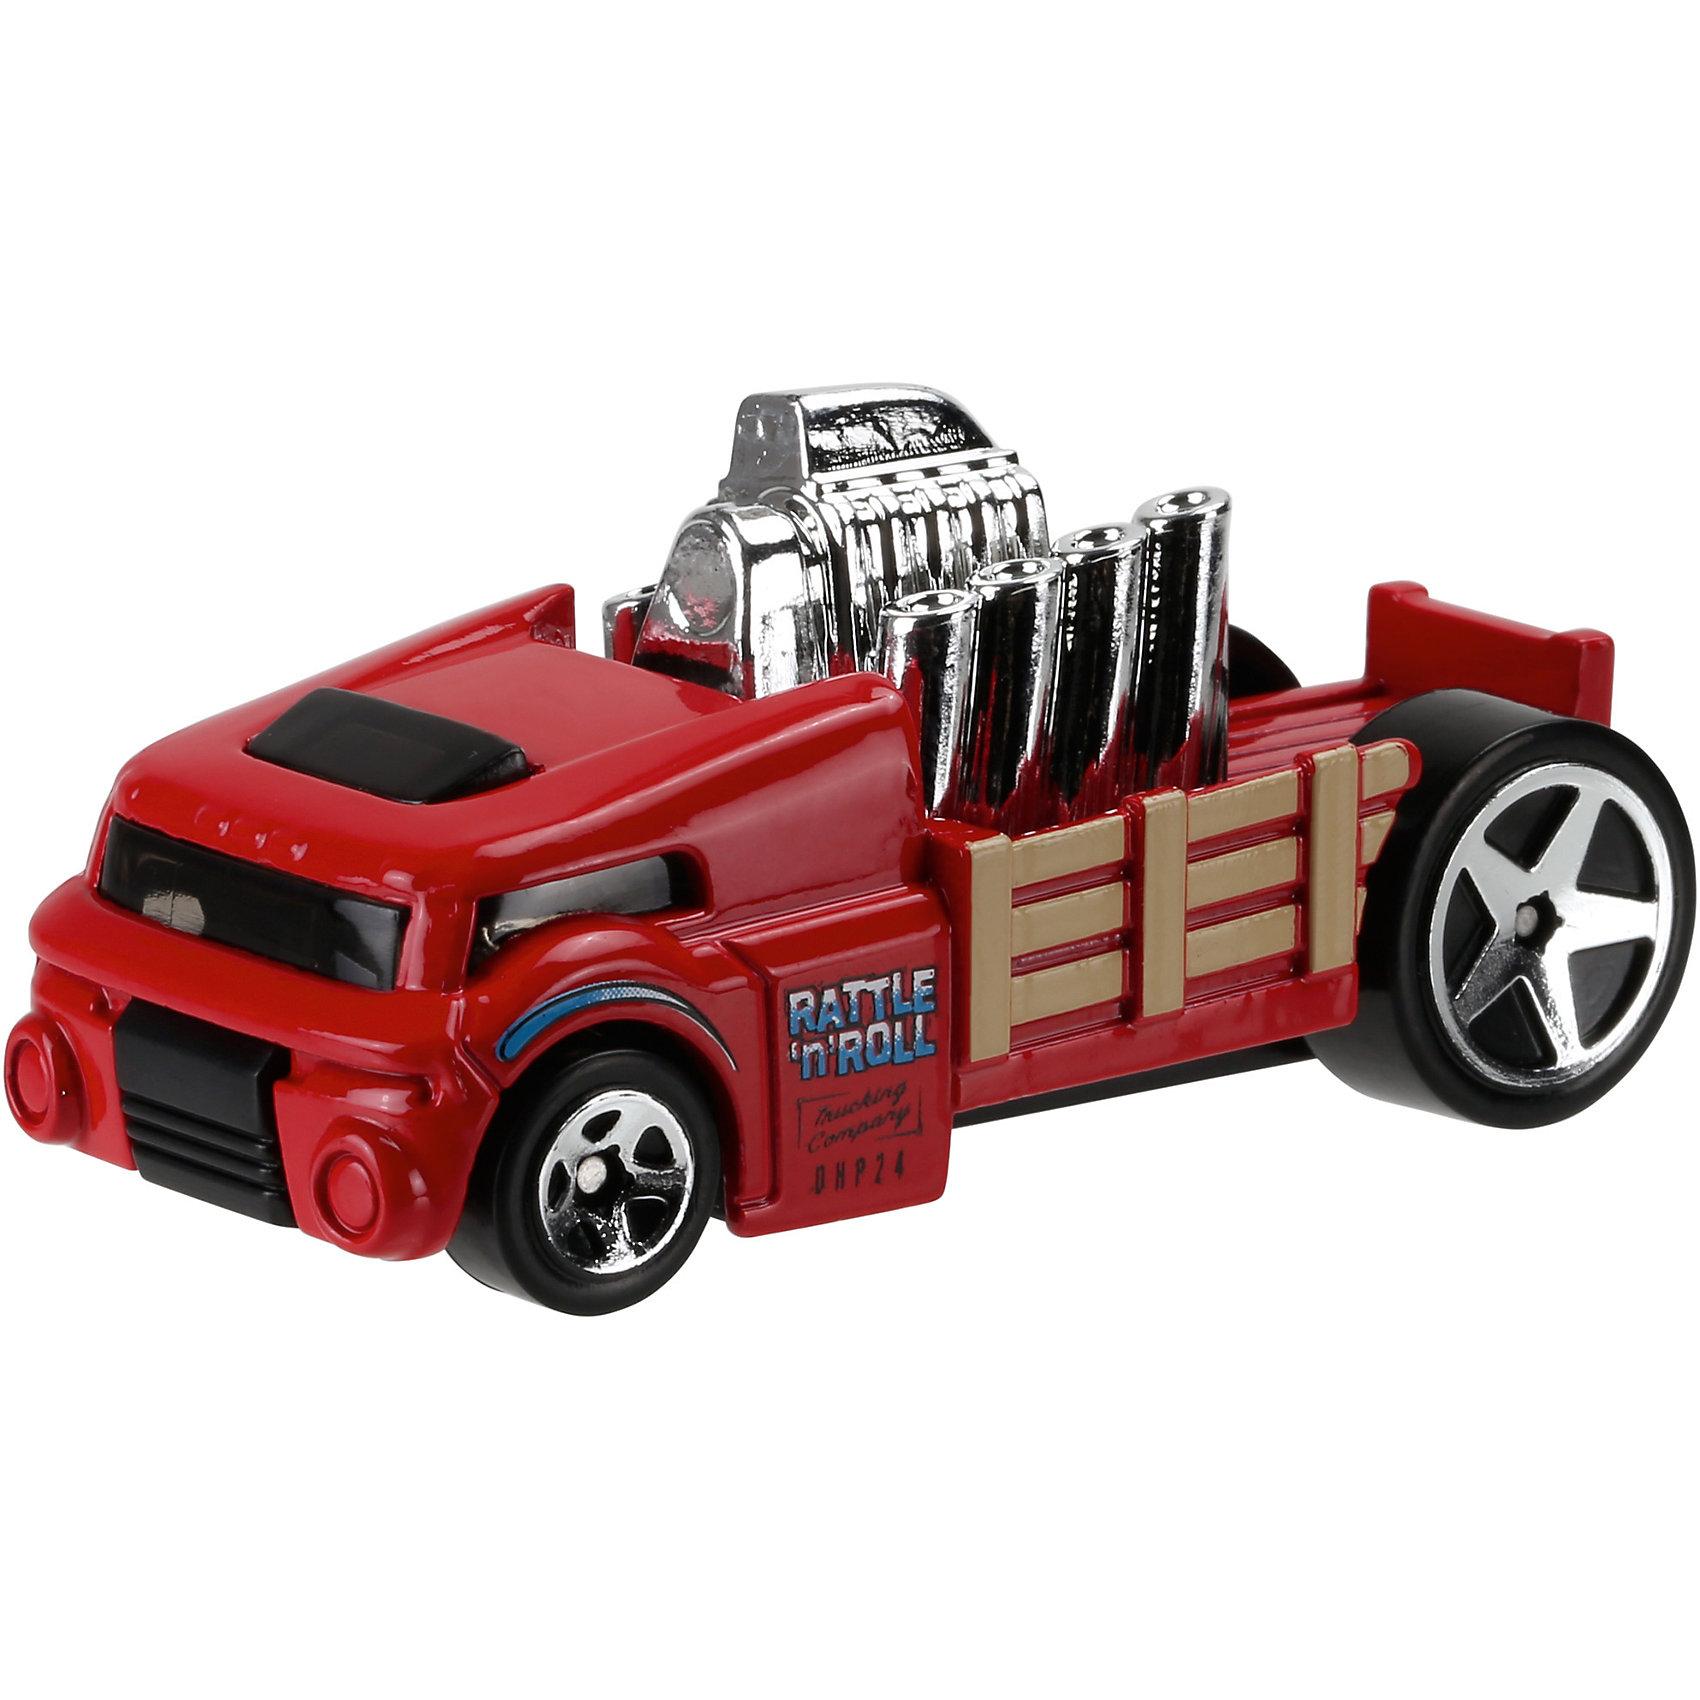 Машинка Hot Wheels из базовой коллекцииМашинки<br>Машинка Hot Wheels из базовой коллекции – высококачественная масштабная модель машины, имеющая неординарный, радикальный дизайн. <br><br>В упаковке 1 машинка,  машинки тематически обусловлены от фантазийных, спасательных до экстремальных и просто скоростных машин. <br><br>Соберите свою коллекцию машинок Hot Wheels!<br><br>Дополнительная информация: <br><br>Машинка стандартного размера Hot Wheels<br>Размер упаковки: 11 х 10,5 х 3,5 см<br><br>Ширина мм: 110<br>Глубина мм: 45<br>Высота мм: 110<br>Вес г: 30<br>Возраст от месяцев: 36<br>Возраст до месяцев: 96<br>Пол: Мужской<br>Возраст: Детский<br>SKU: 4901458